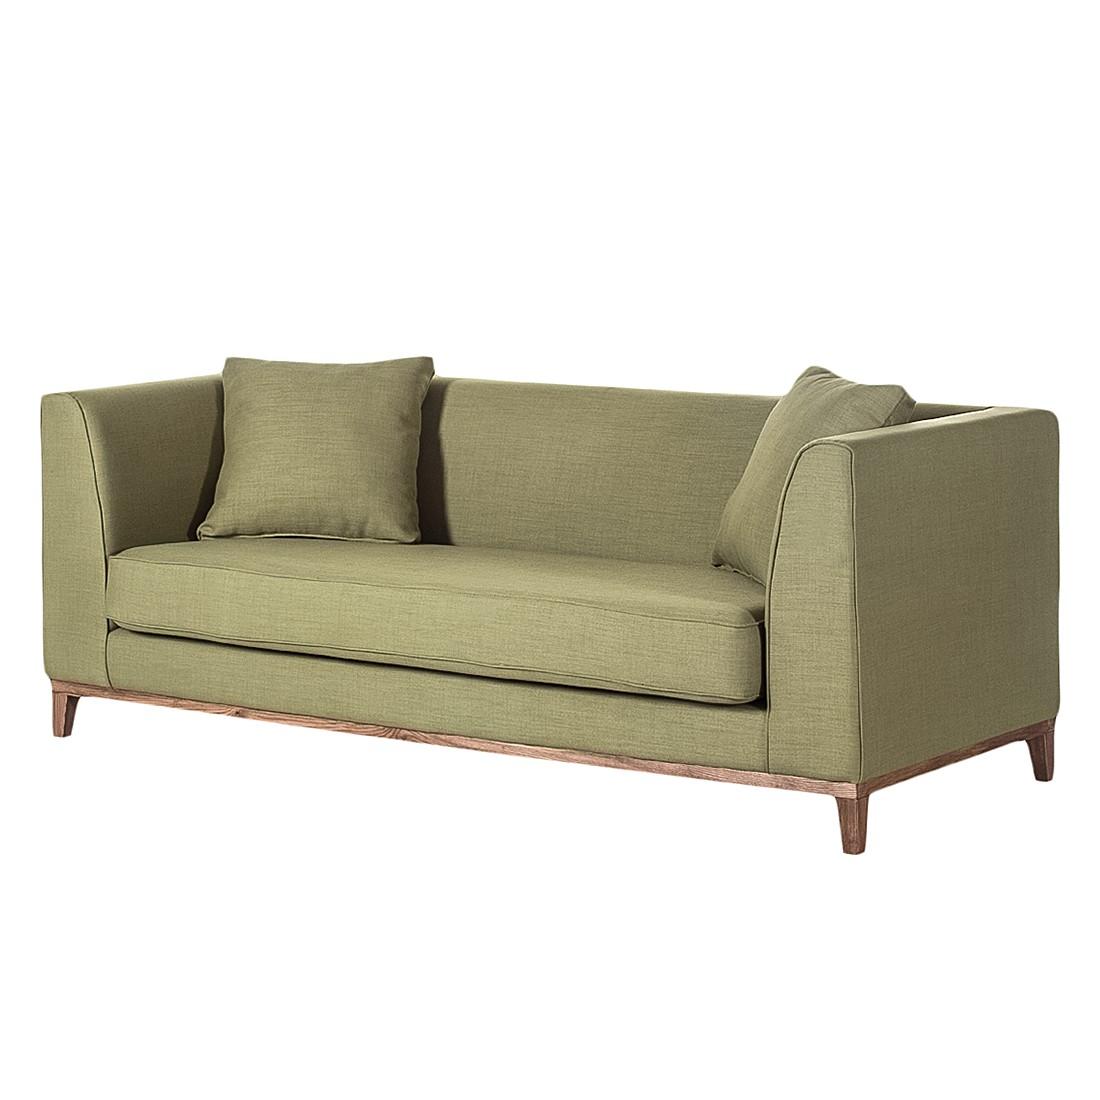 Sofa Blomma (3-Sitzer) – Webstoff Olivgrün – Gestell: Nussbaumfarbig, Mørteens günstig